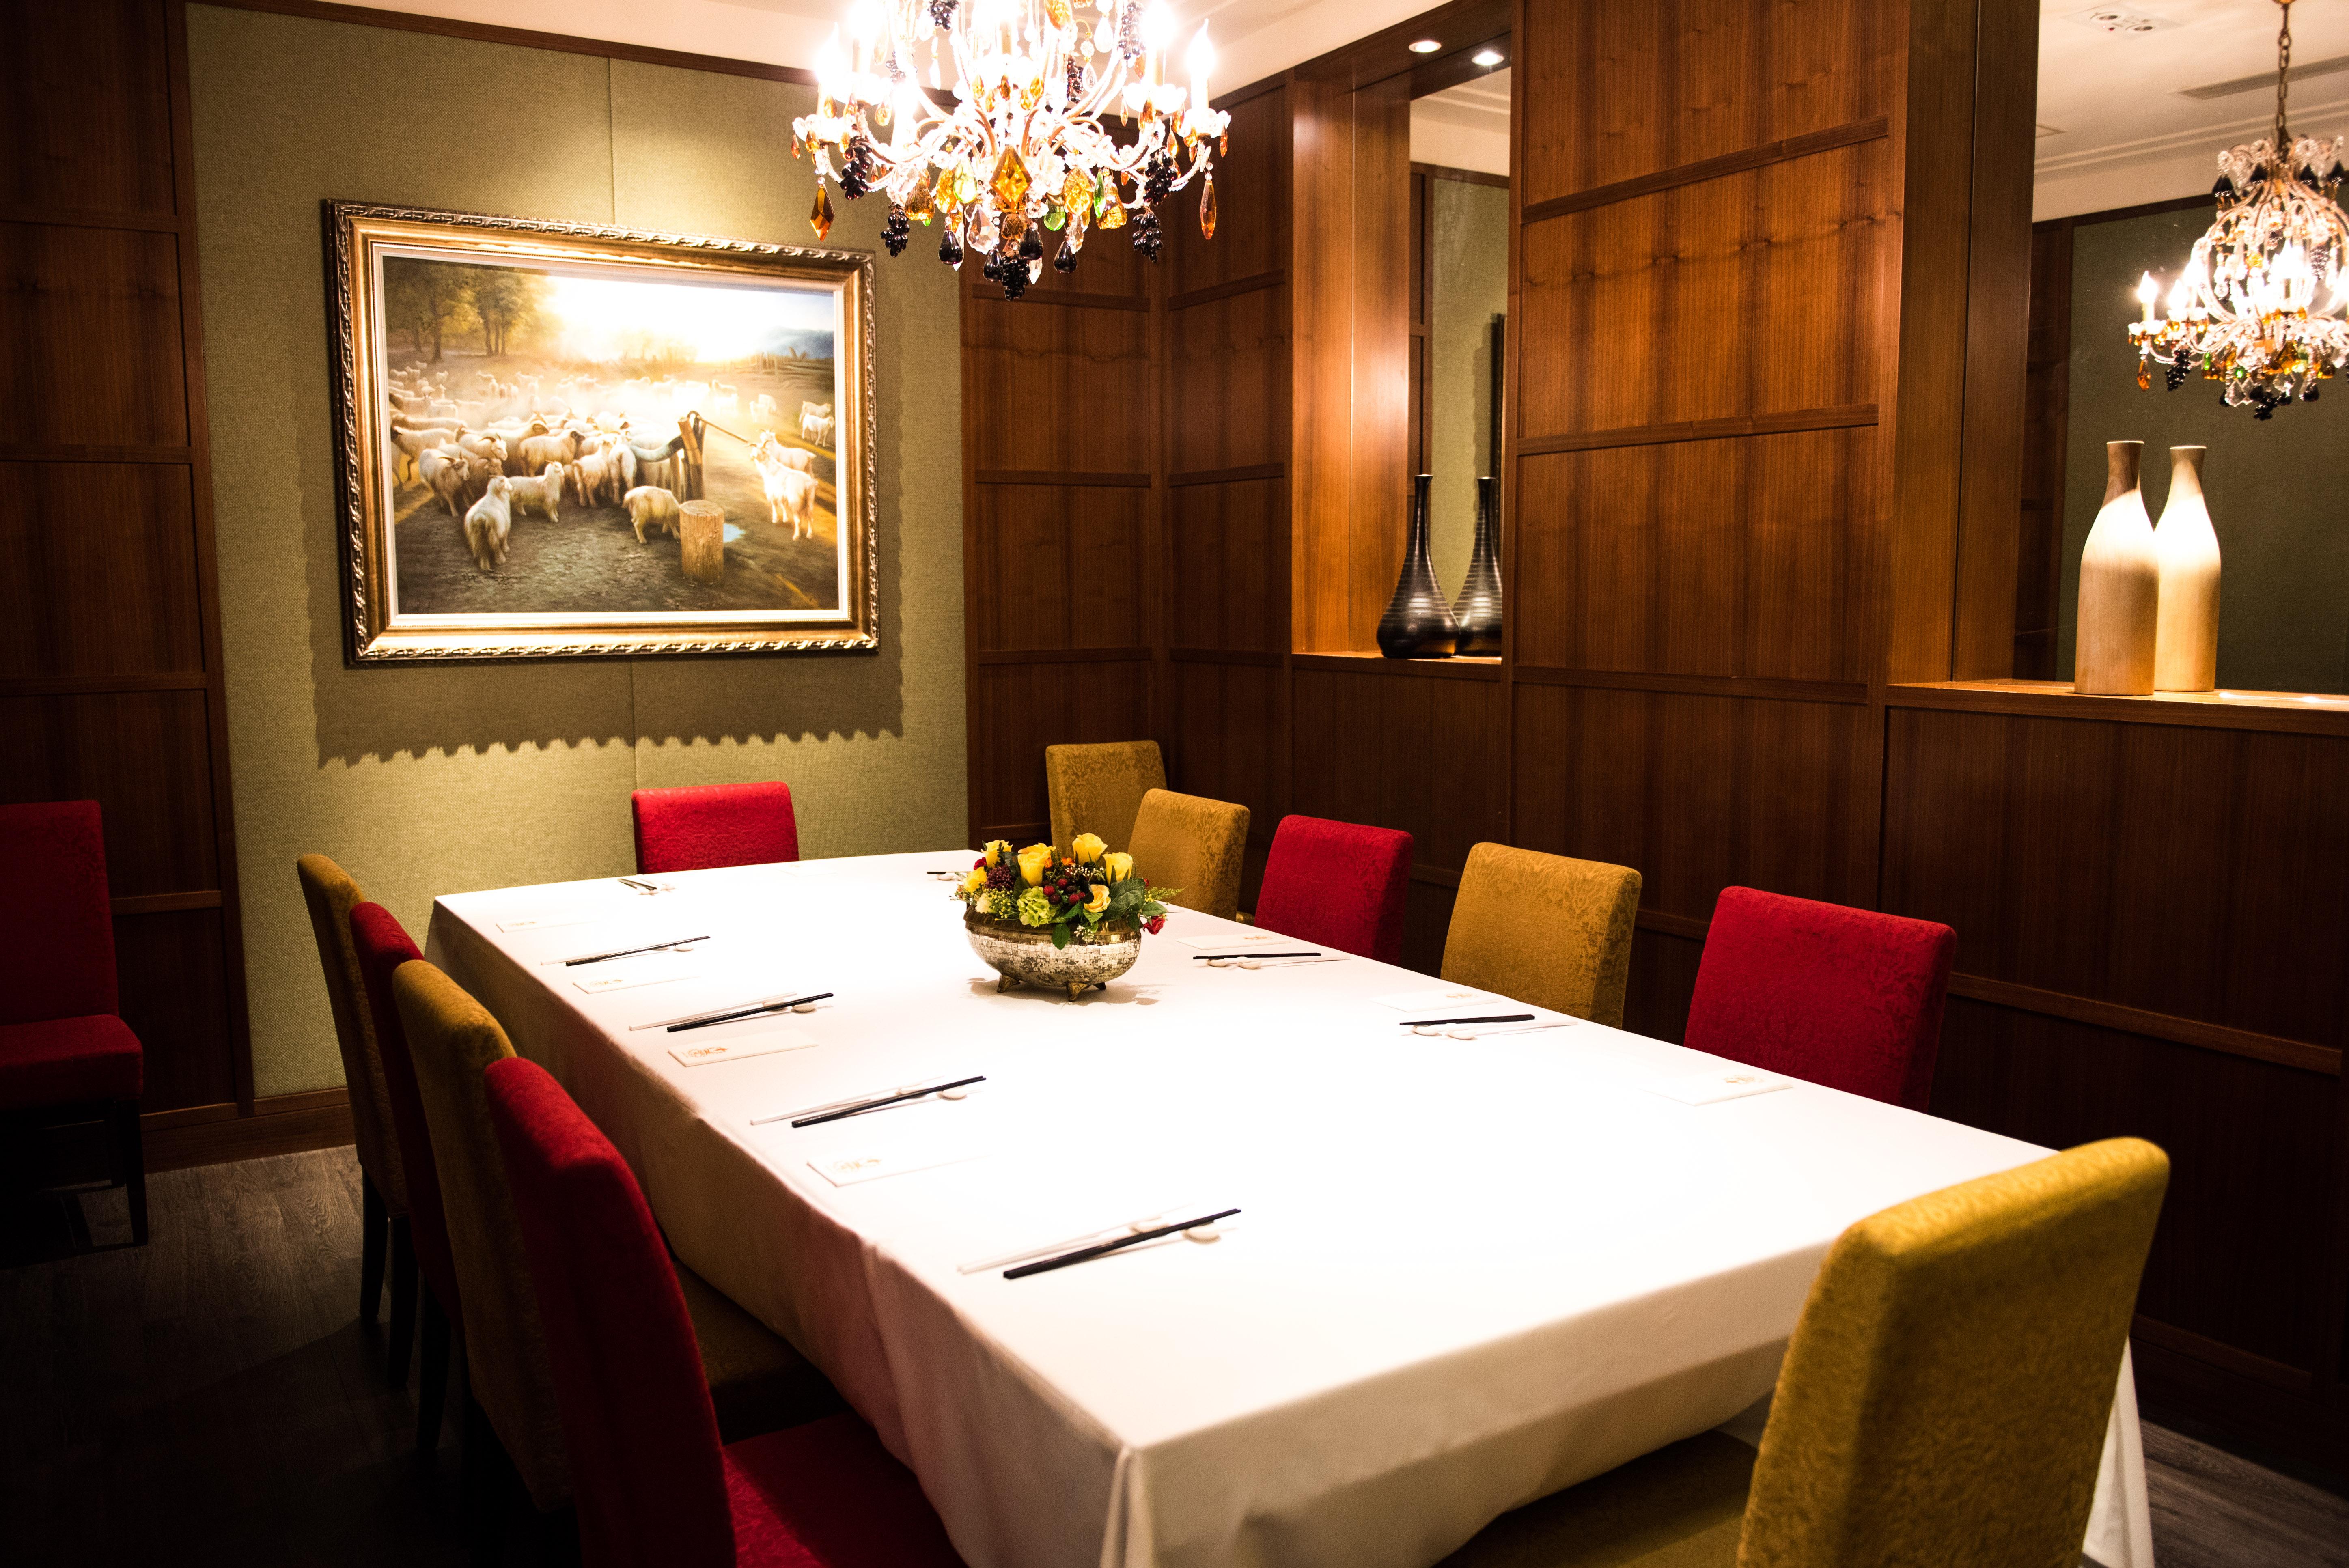 中層  : 獨立用餐室